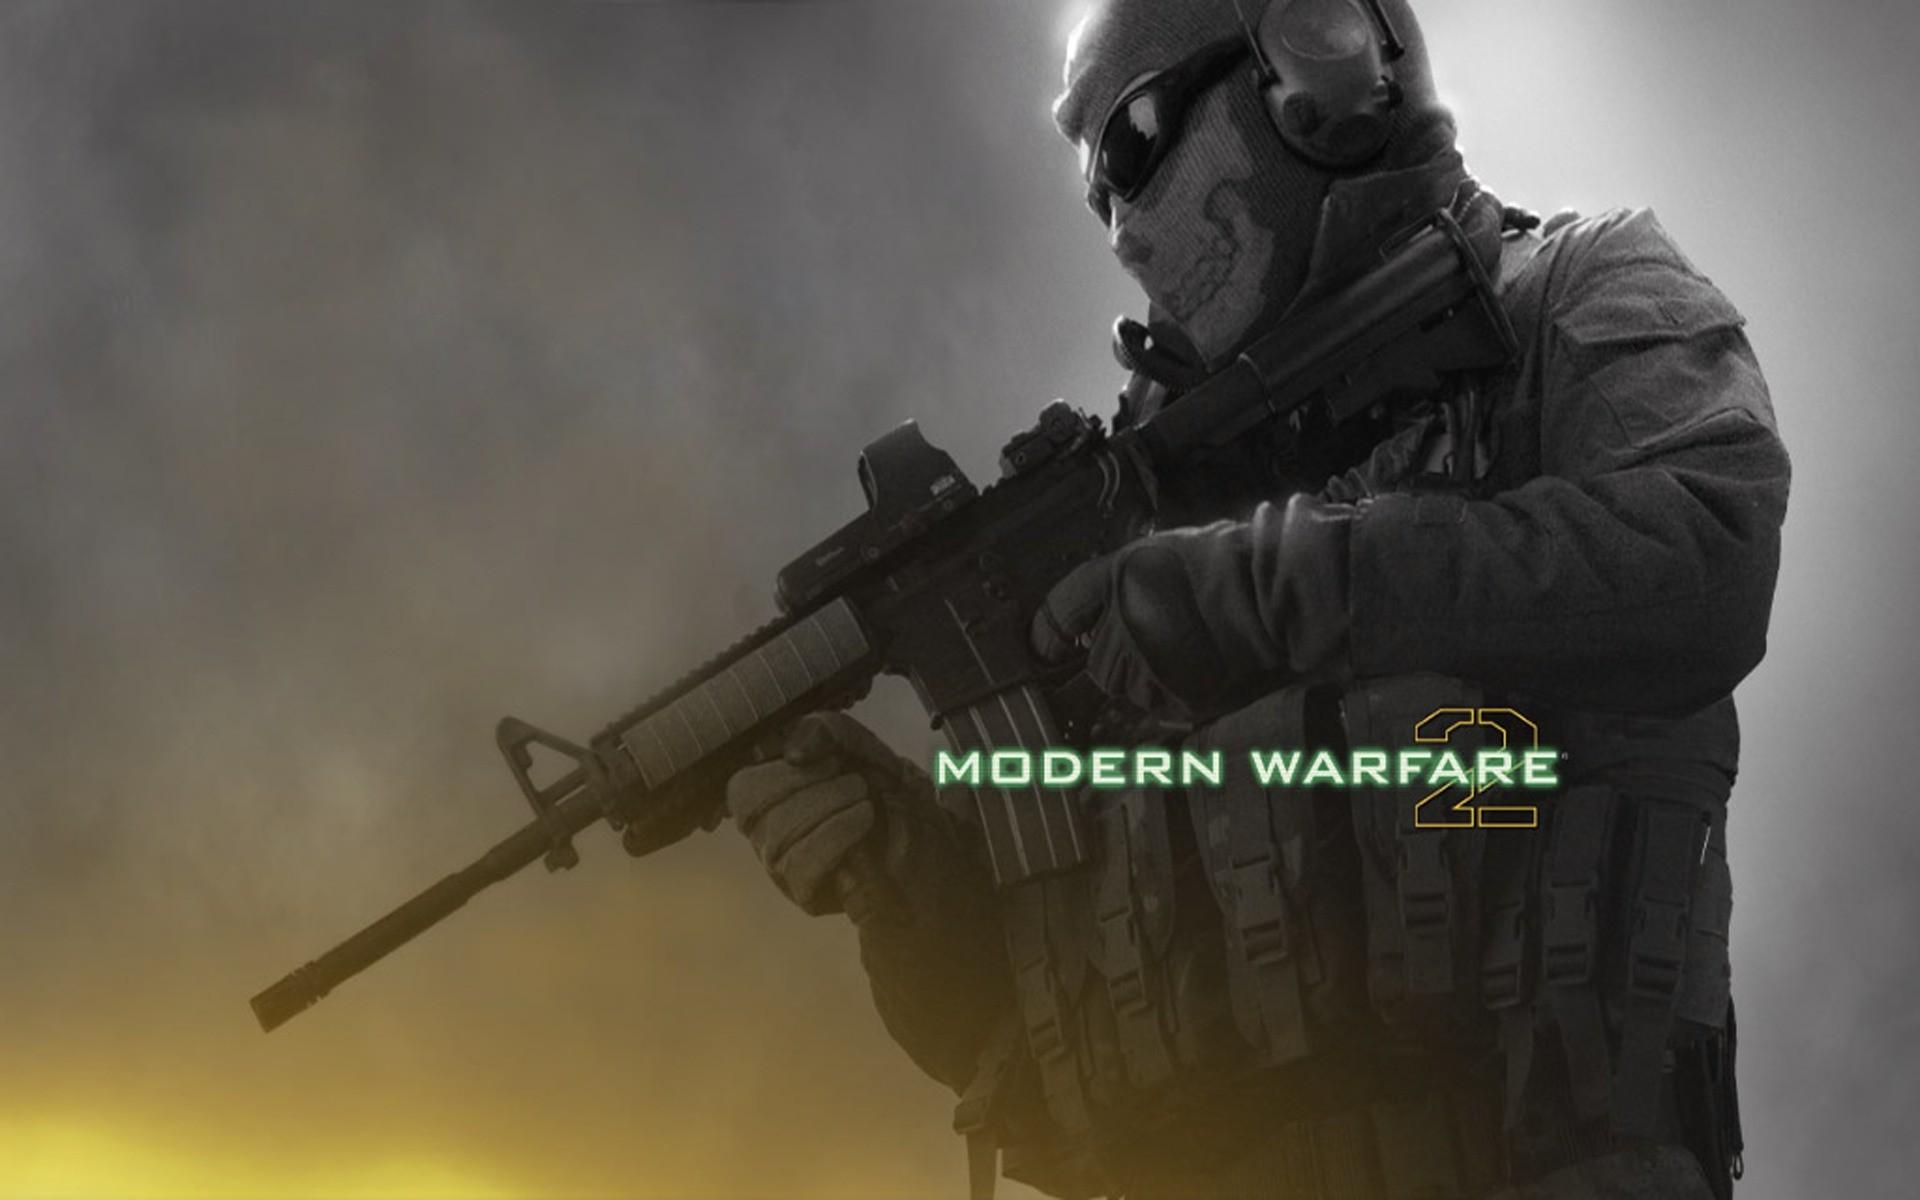 Call Of Duty Modern Warfare 2 Wallpaper Ghost HD Wallpapers